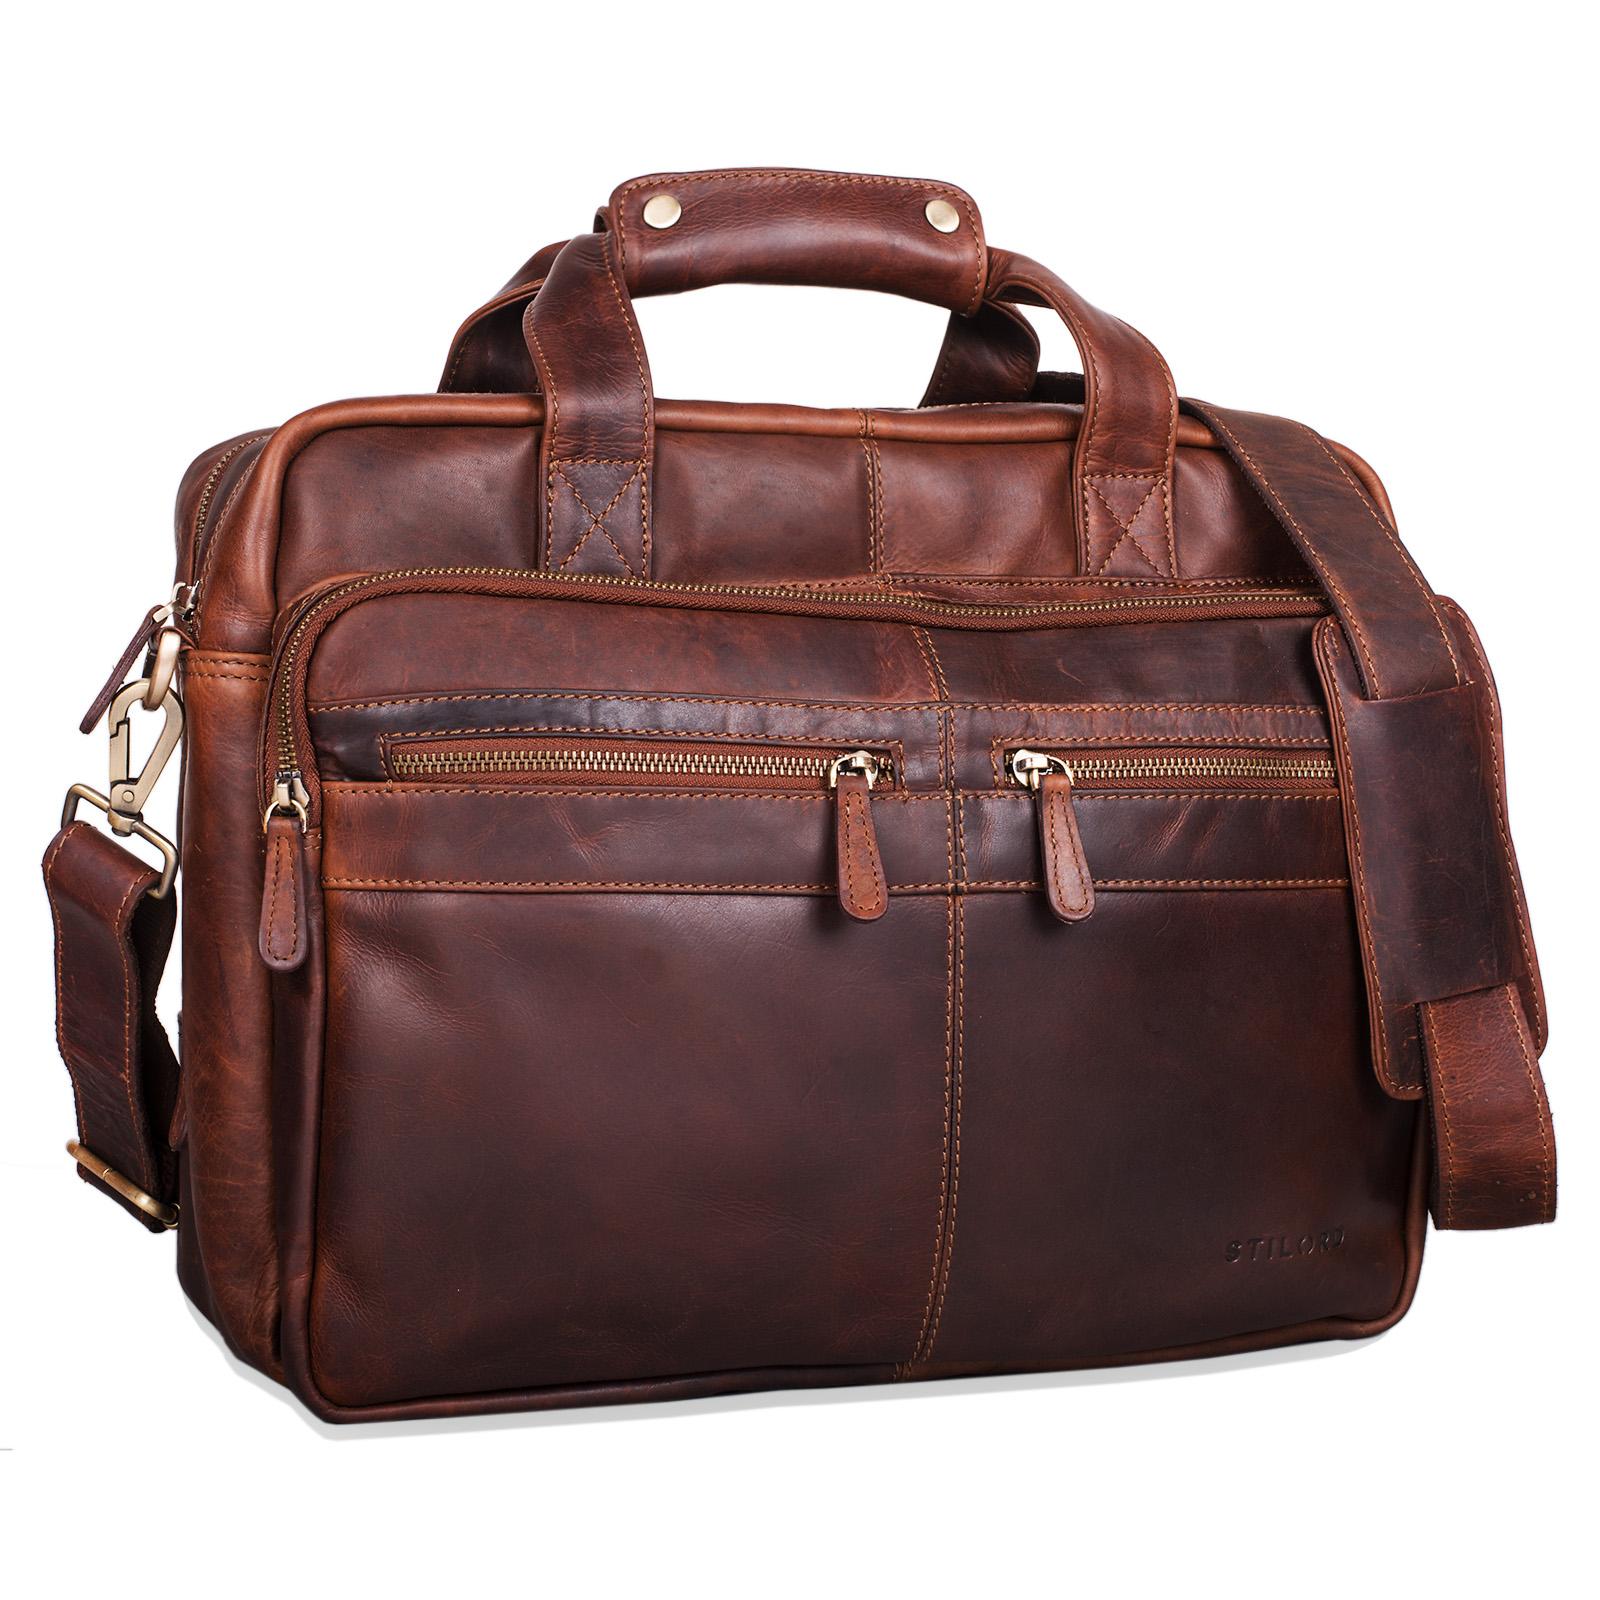 """STILORD """"Explorer"""" Lehrertasche Leder Herren Damen Aktentasche Büro Schulter- oder Umhängetasche für Laptop mit Dreifachtrenner Echt Leder Vintage - Bild 8"""